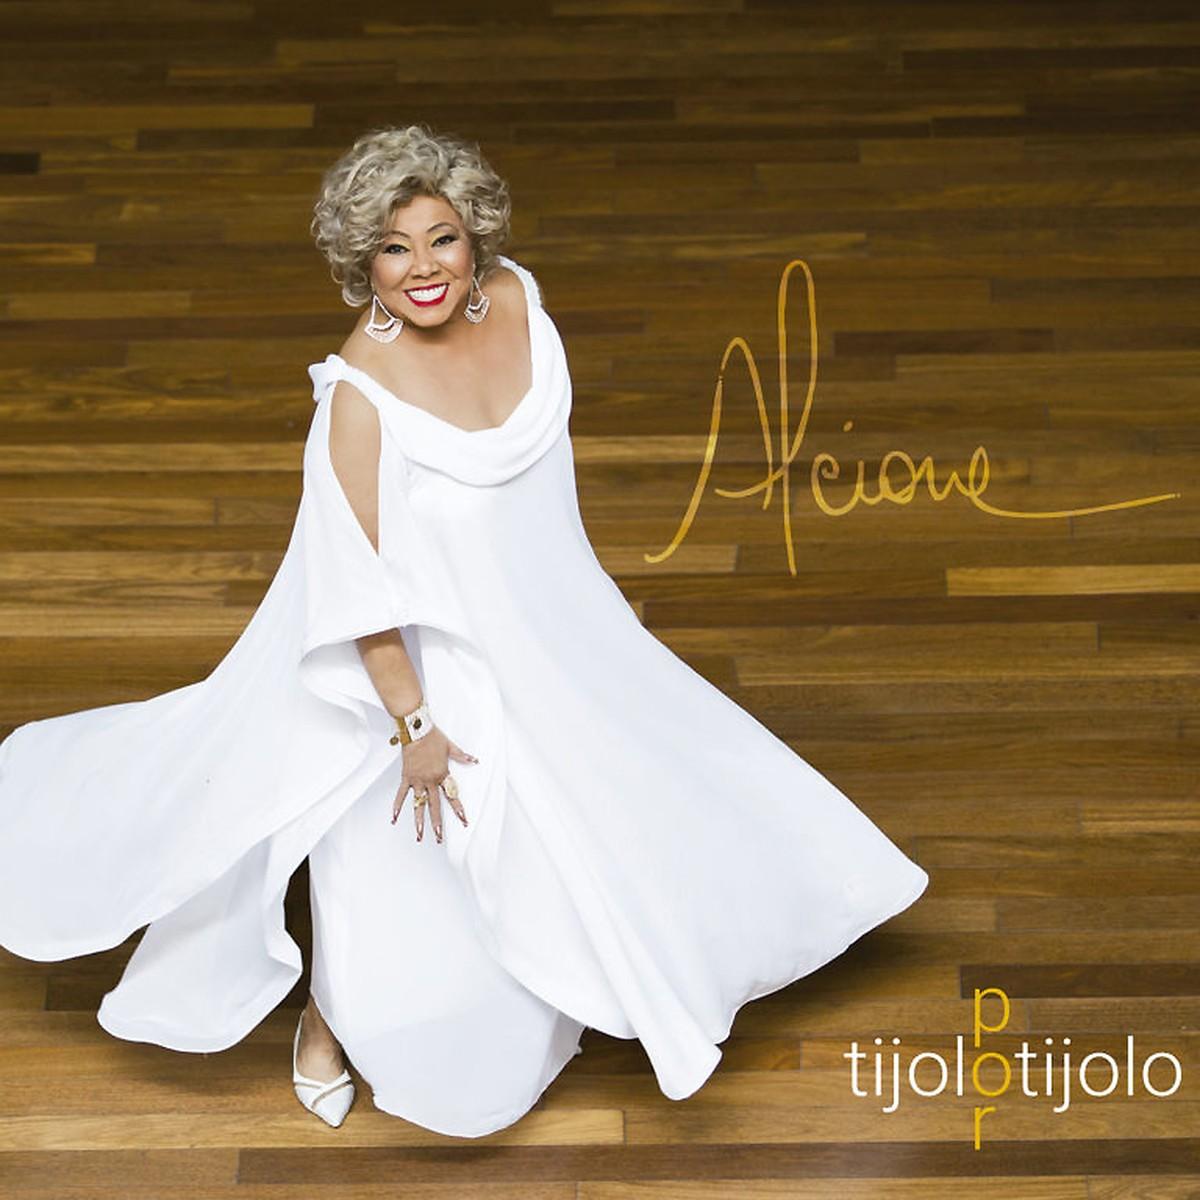 Alcione celebra a cidade de Maria Bethânia no álbum 'Tijolo por tijolo' | Blog do Mauro Ferreira